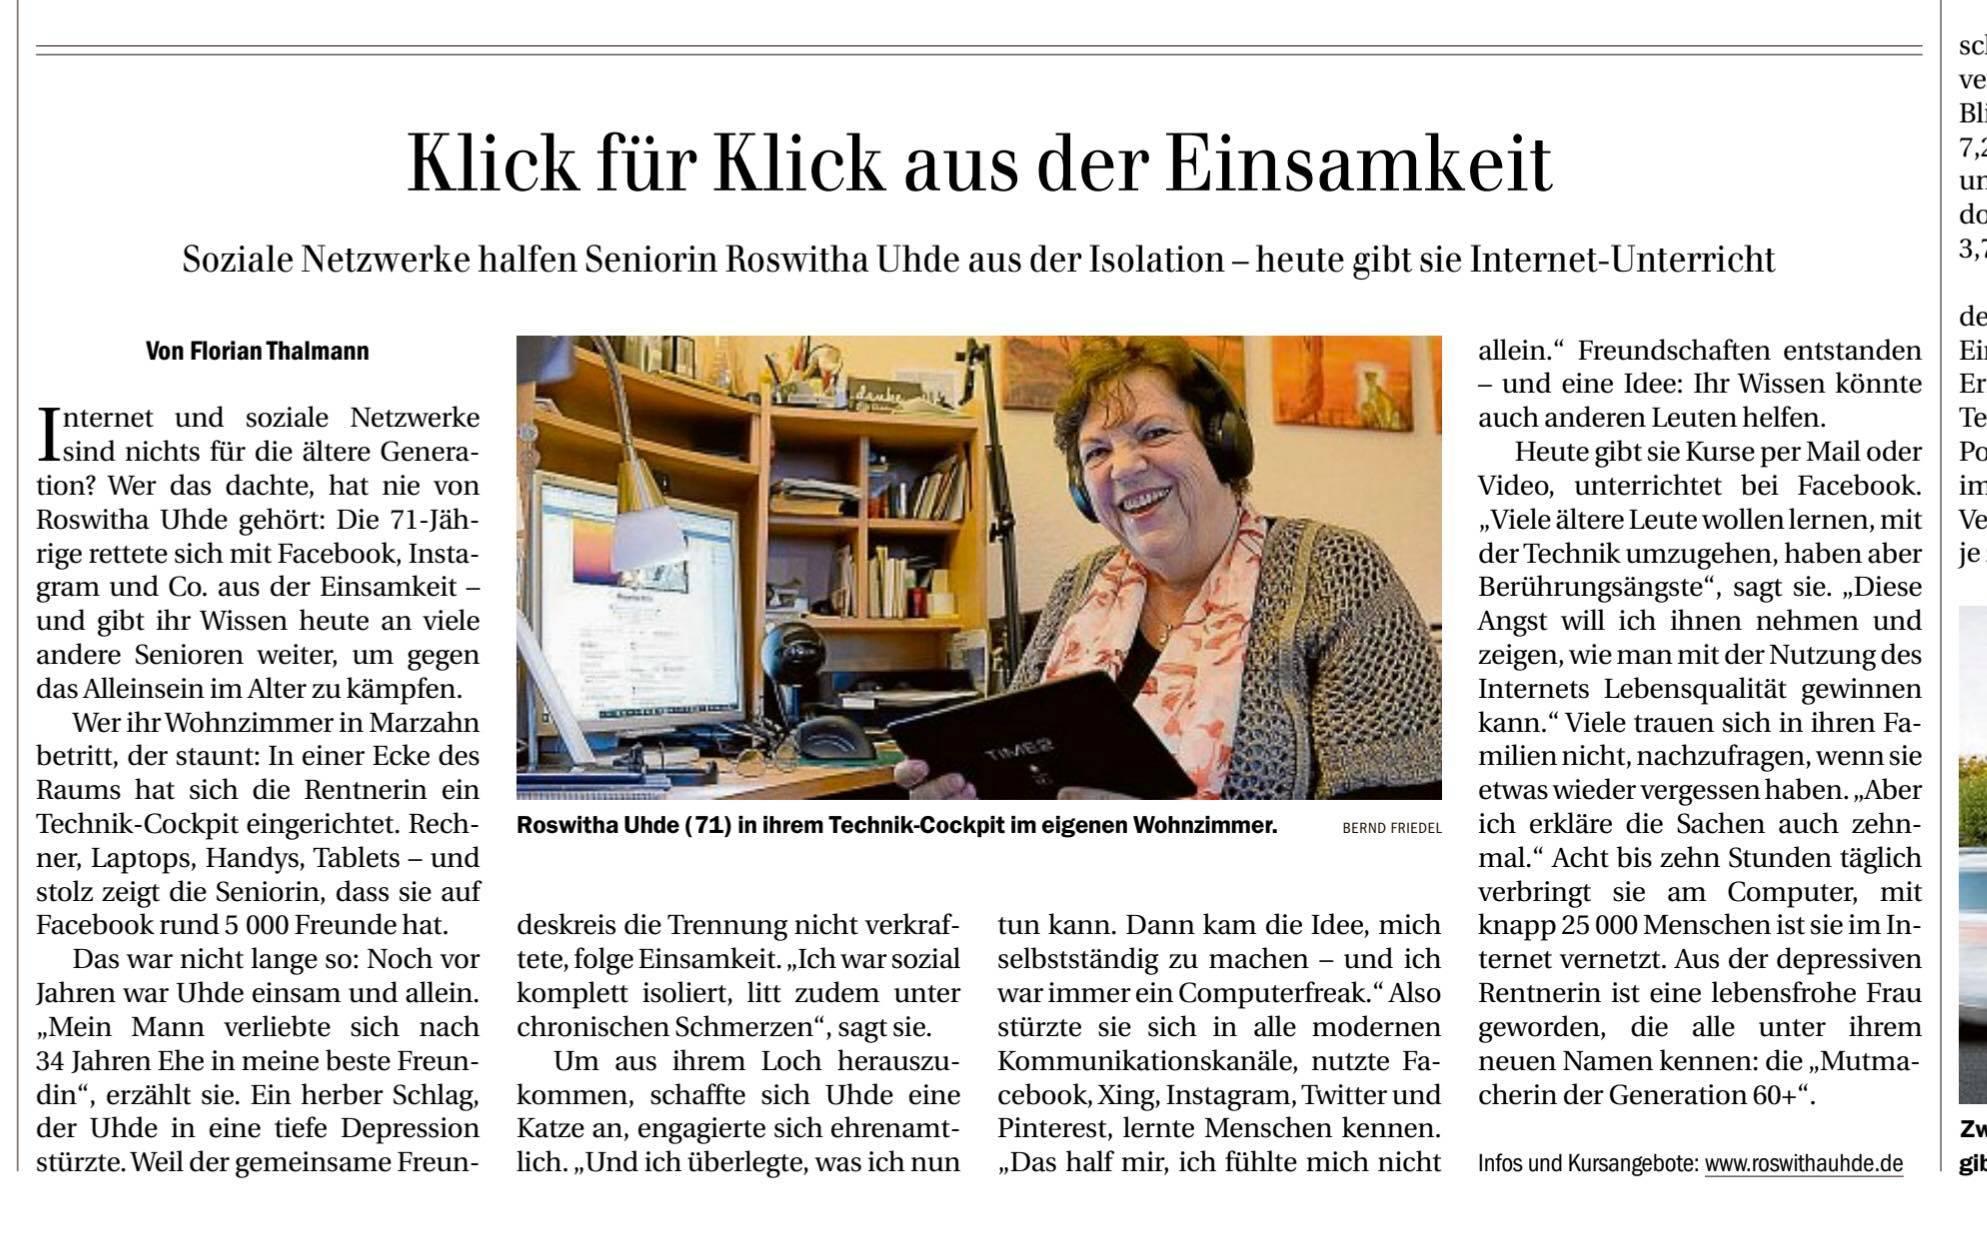 """Artikel über Roswitha Uhde in der Tageszeitung """"Berliner Zeitung"""" am 12.03.2020"""